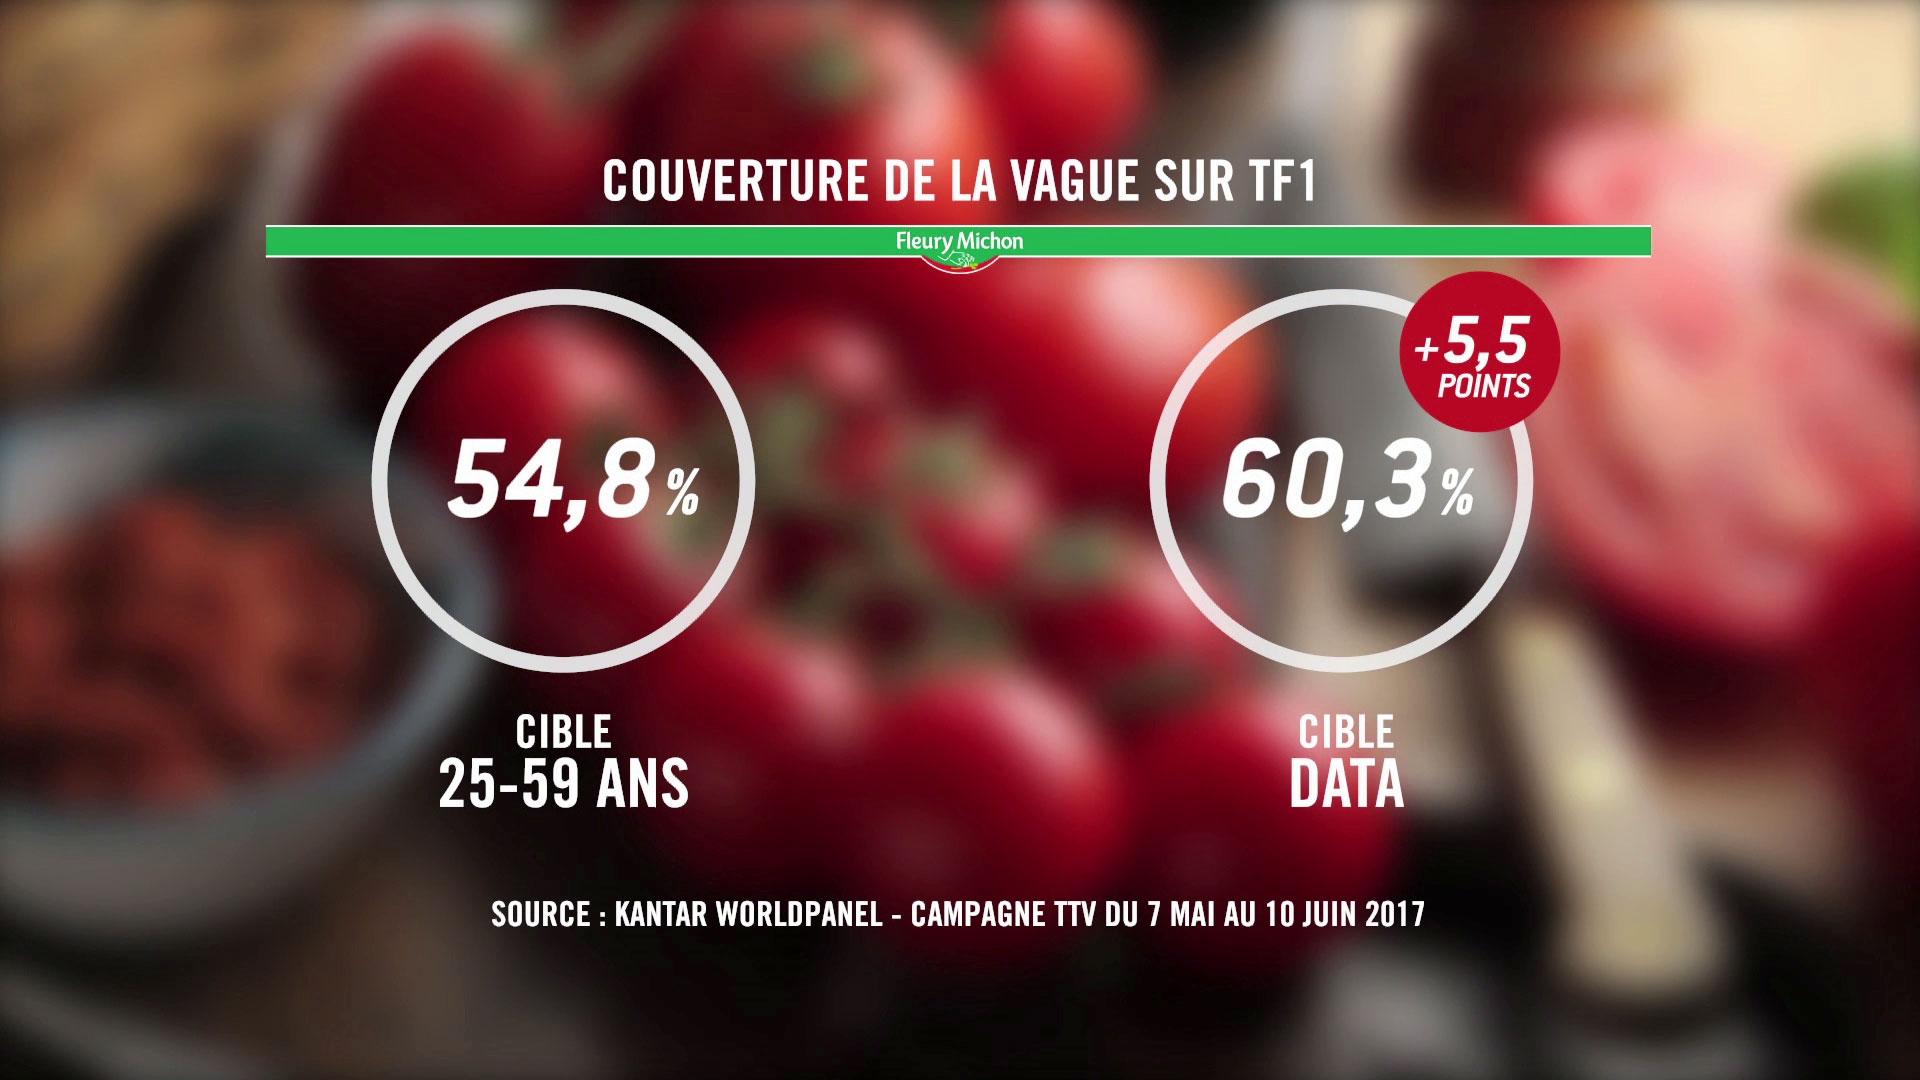 TF1 Publicité et Business créent une cible data TV pour Fleury Michon